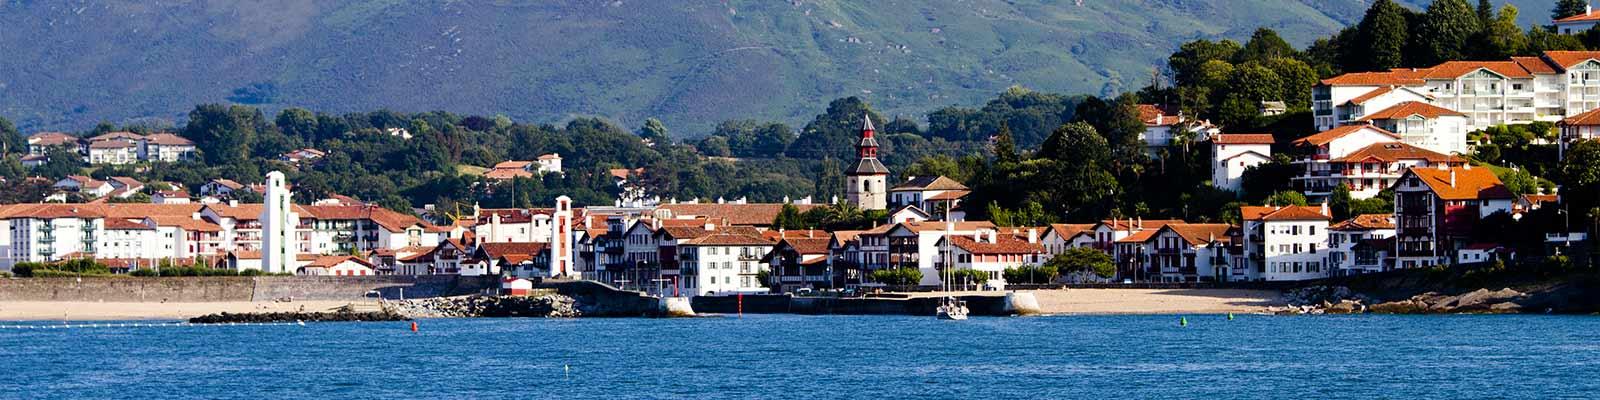 séjour au pays basque